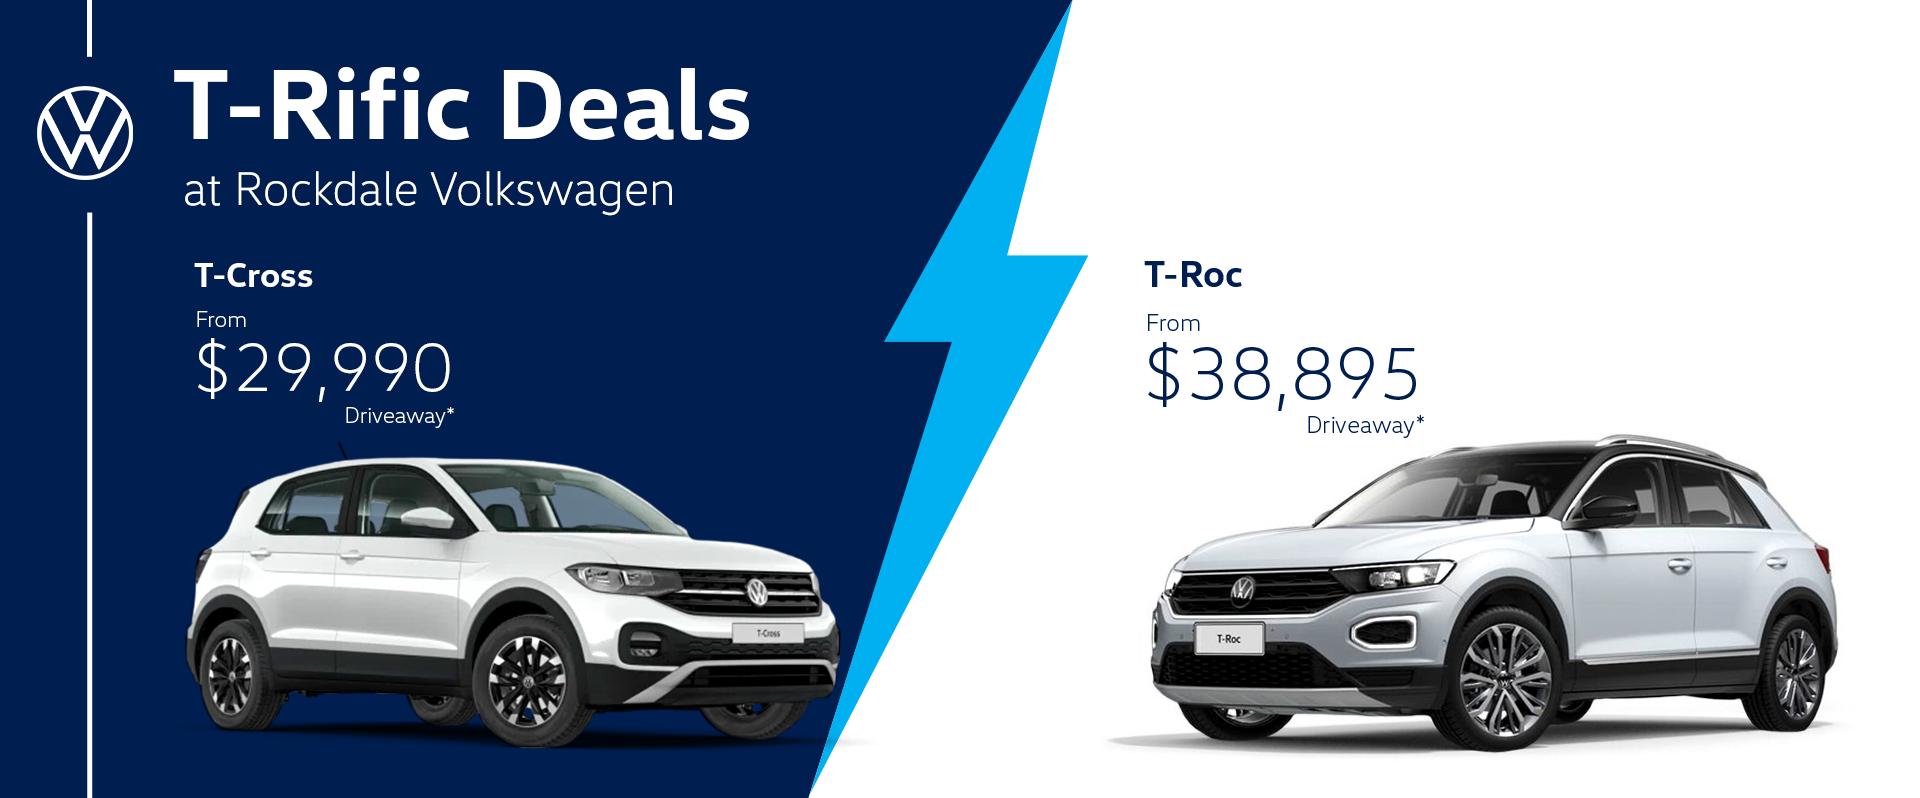 Rockdale Volkswagen